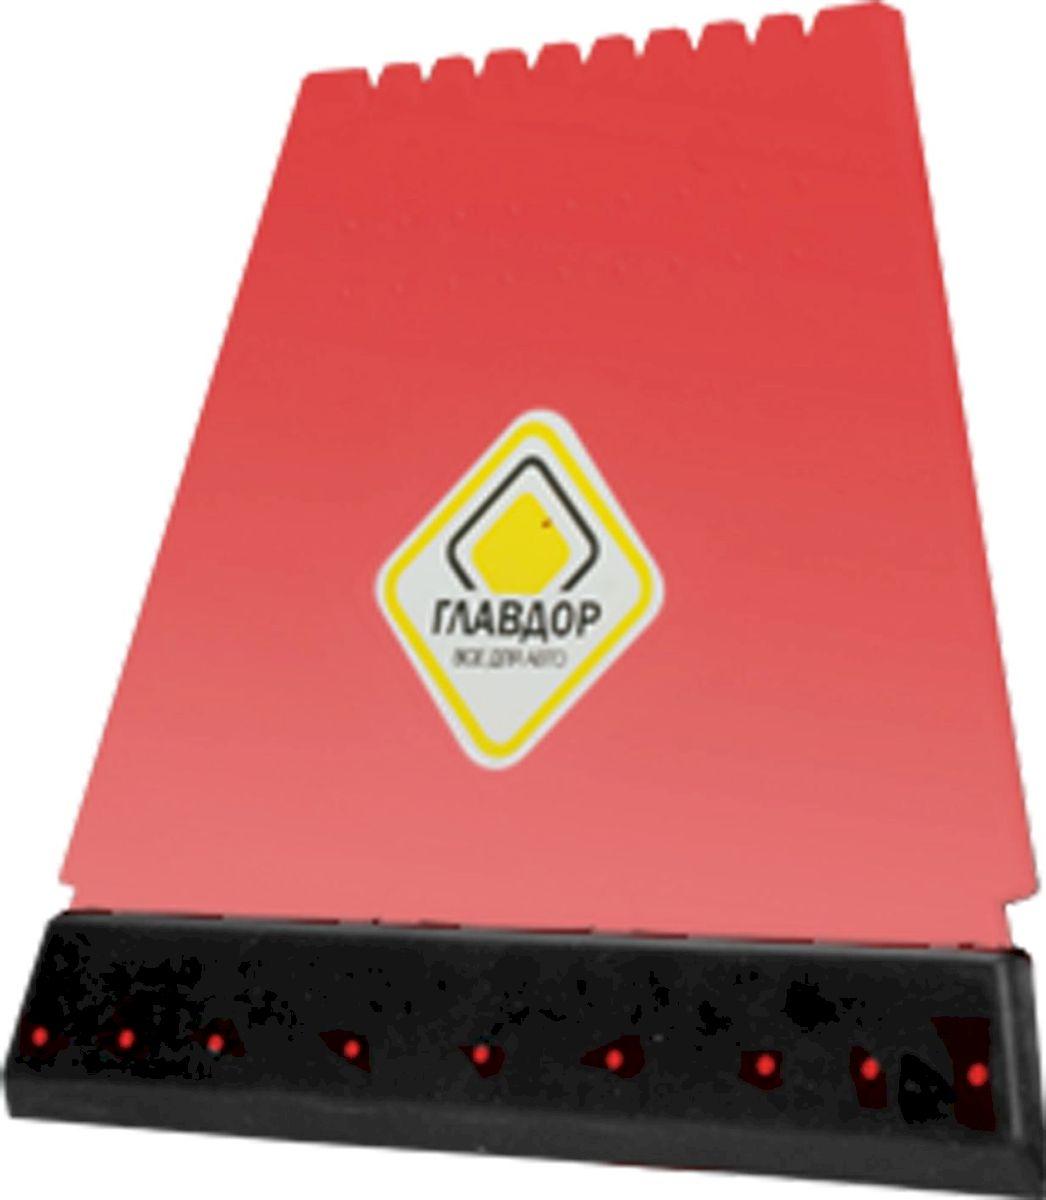 Скребок Главдор, четырехсторонний, цвет: красныйGL-507Продуманный до мелочей скребок для льда и сгона воды, в котором задействованы все четыре стороны для более эффективного удаление нежелательной наледи с поверхности автомобиля.Имеет два тонких лезвия по бокам, резиновый сгон и разрыхлитель наледи. Удобно лежит в руке, а хранение не занимает много места.